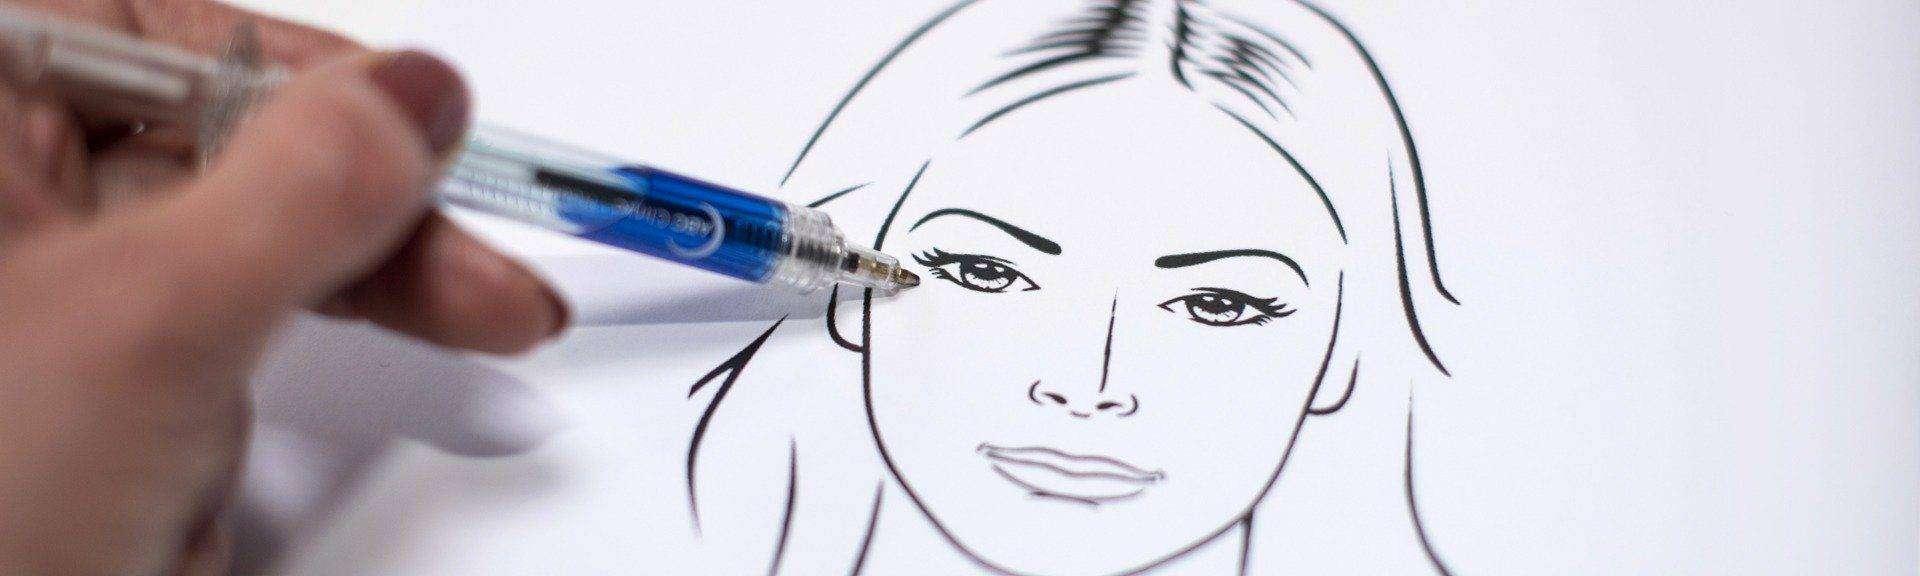 Behandelingen - huidverbetering - peeling